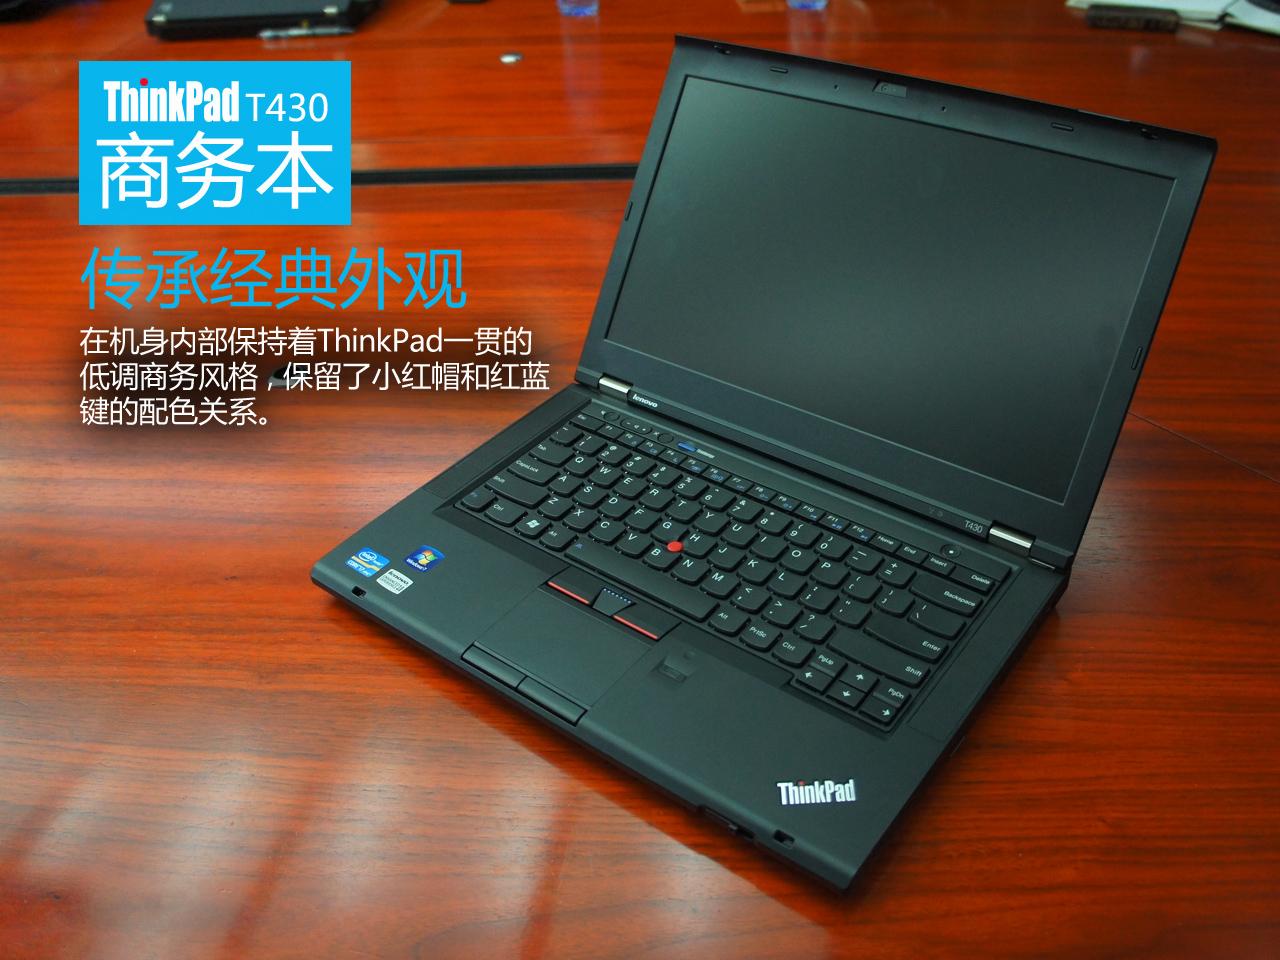 戴尔高端商务笔记本_ThinkPad新一代旗舰机型T430系列实机高清大图新鲜出炉了 ZT - ThinkPad ...